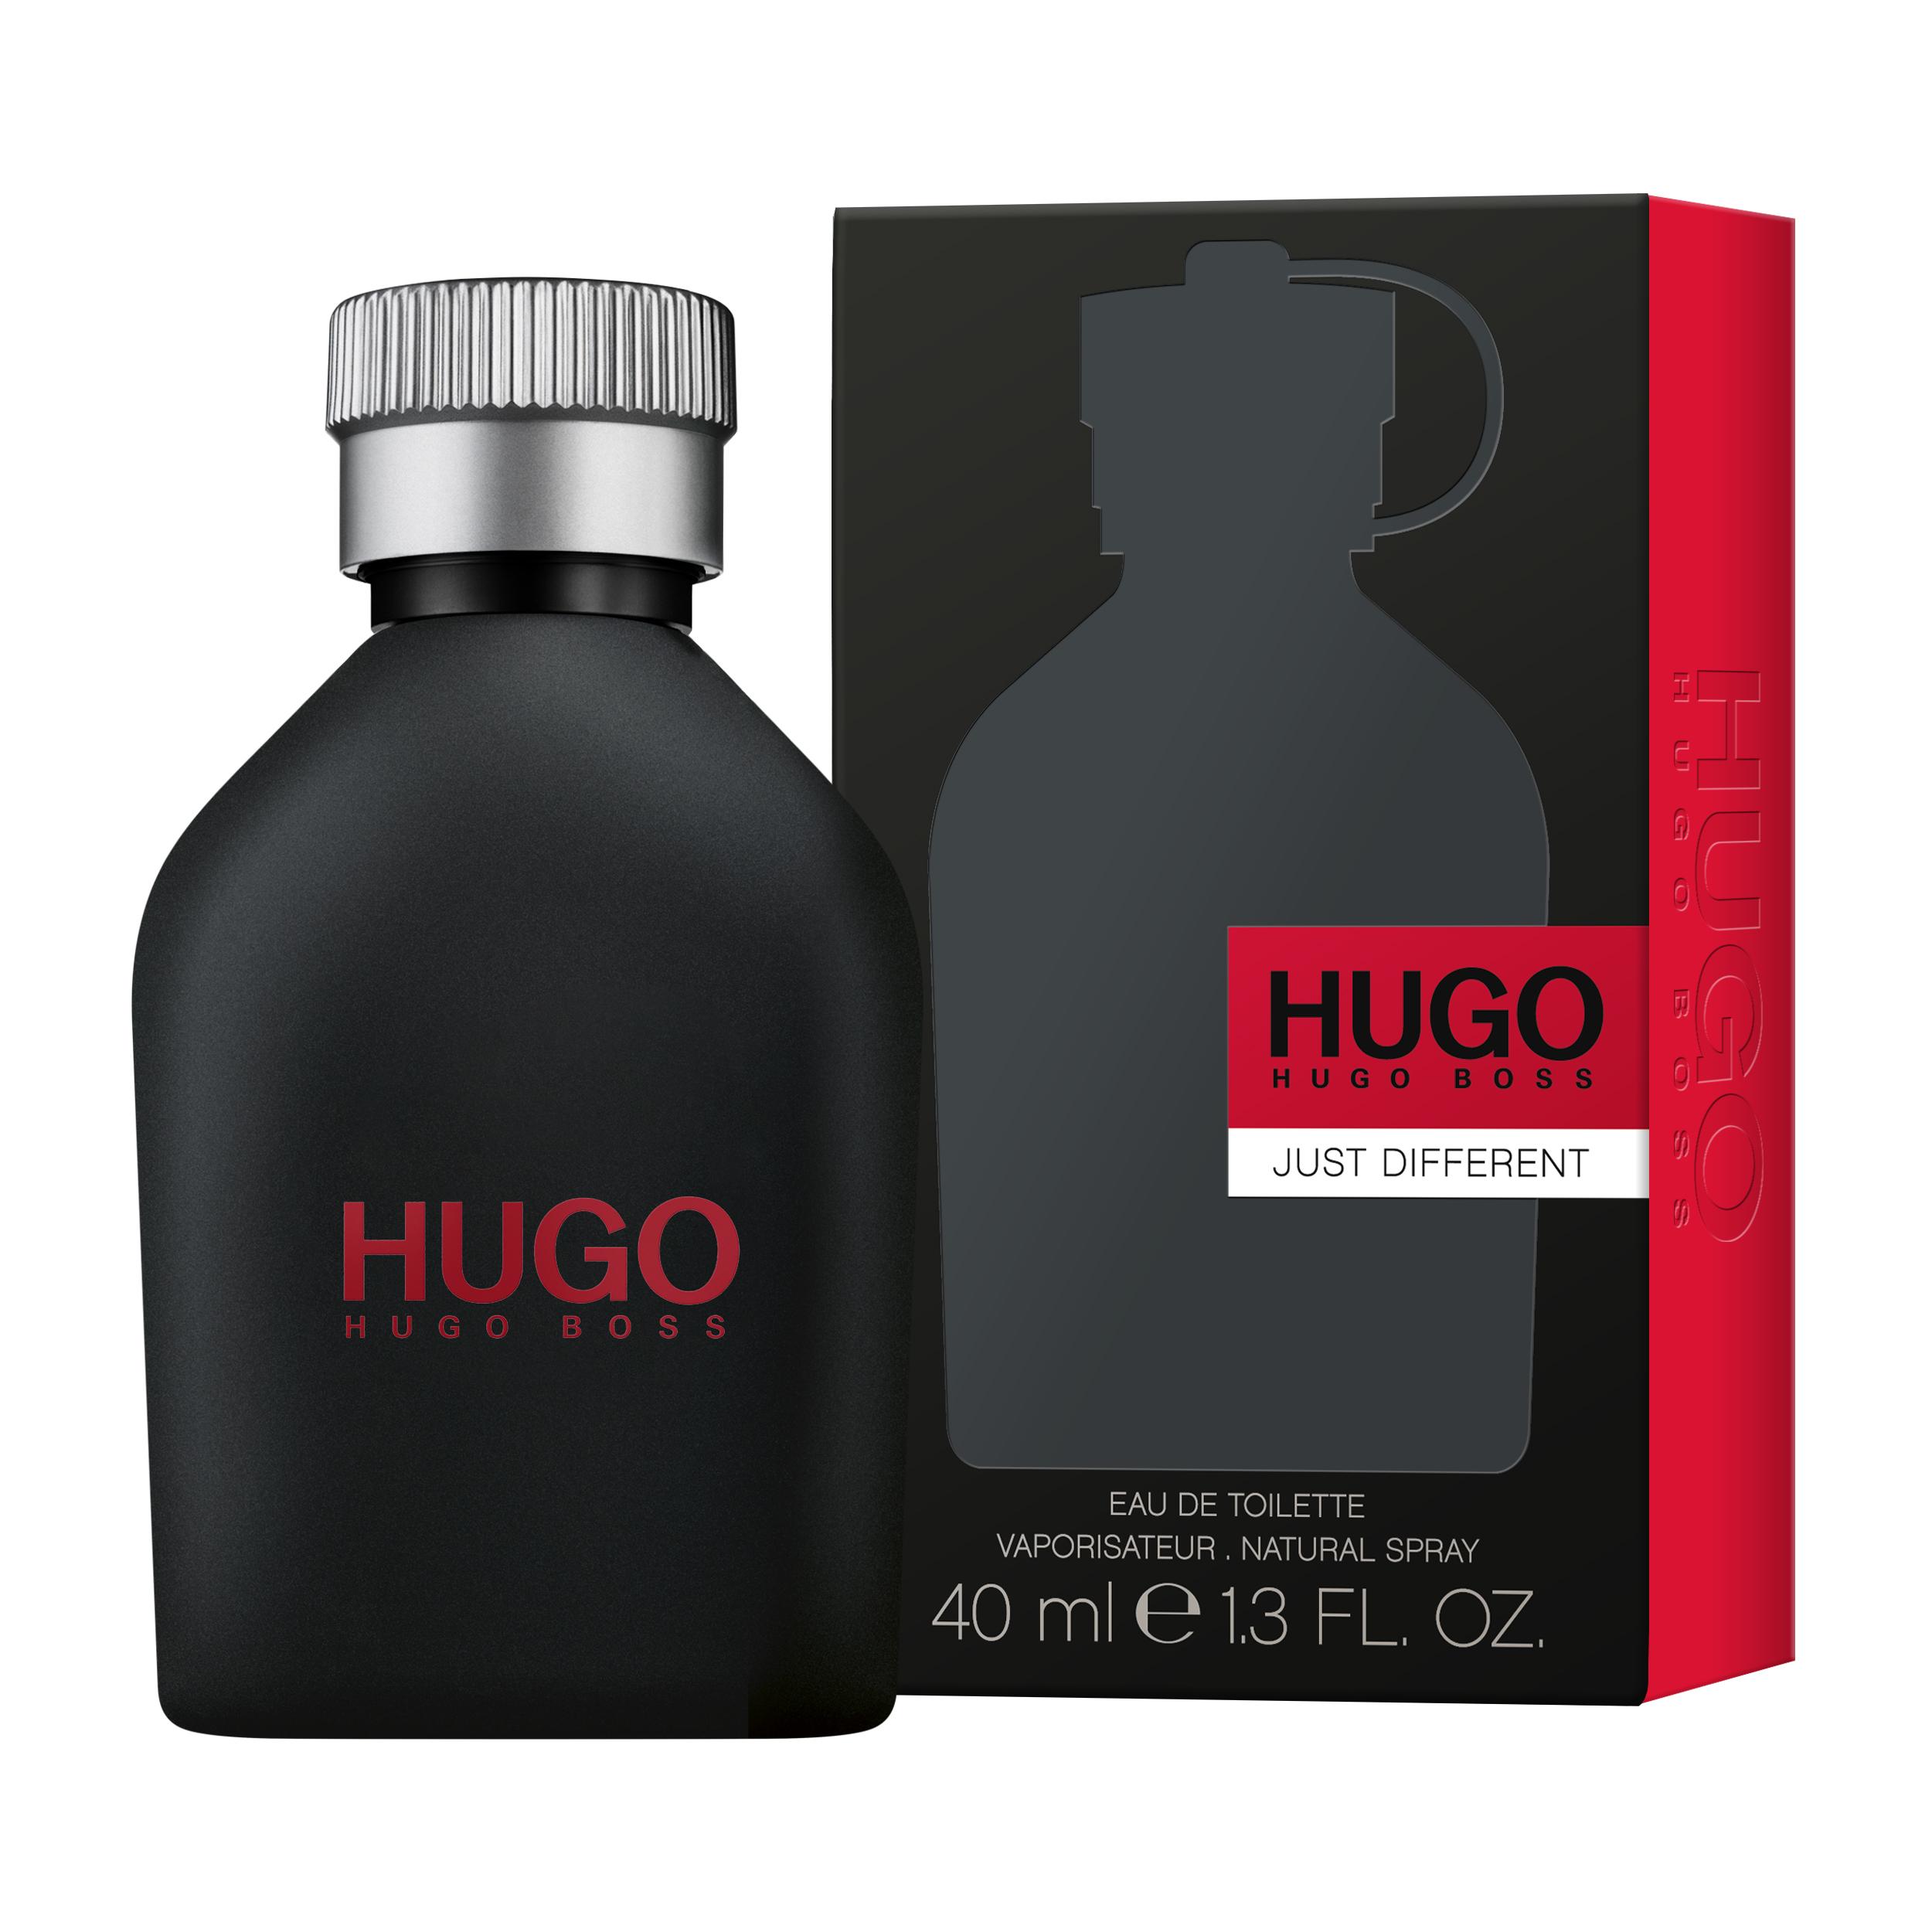 Hugo Boss HUGO Just Different EDT, 40 ml